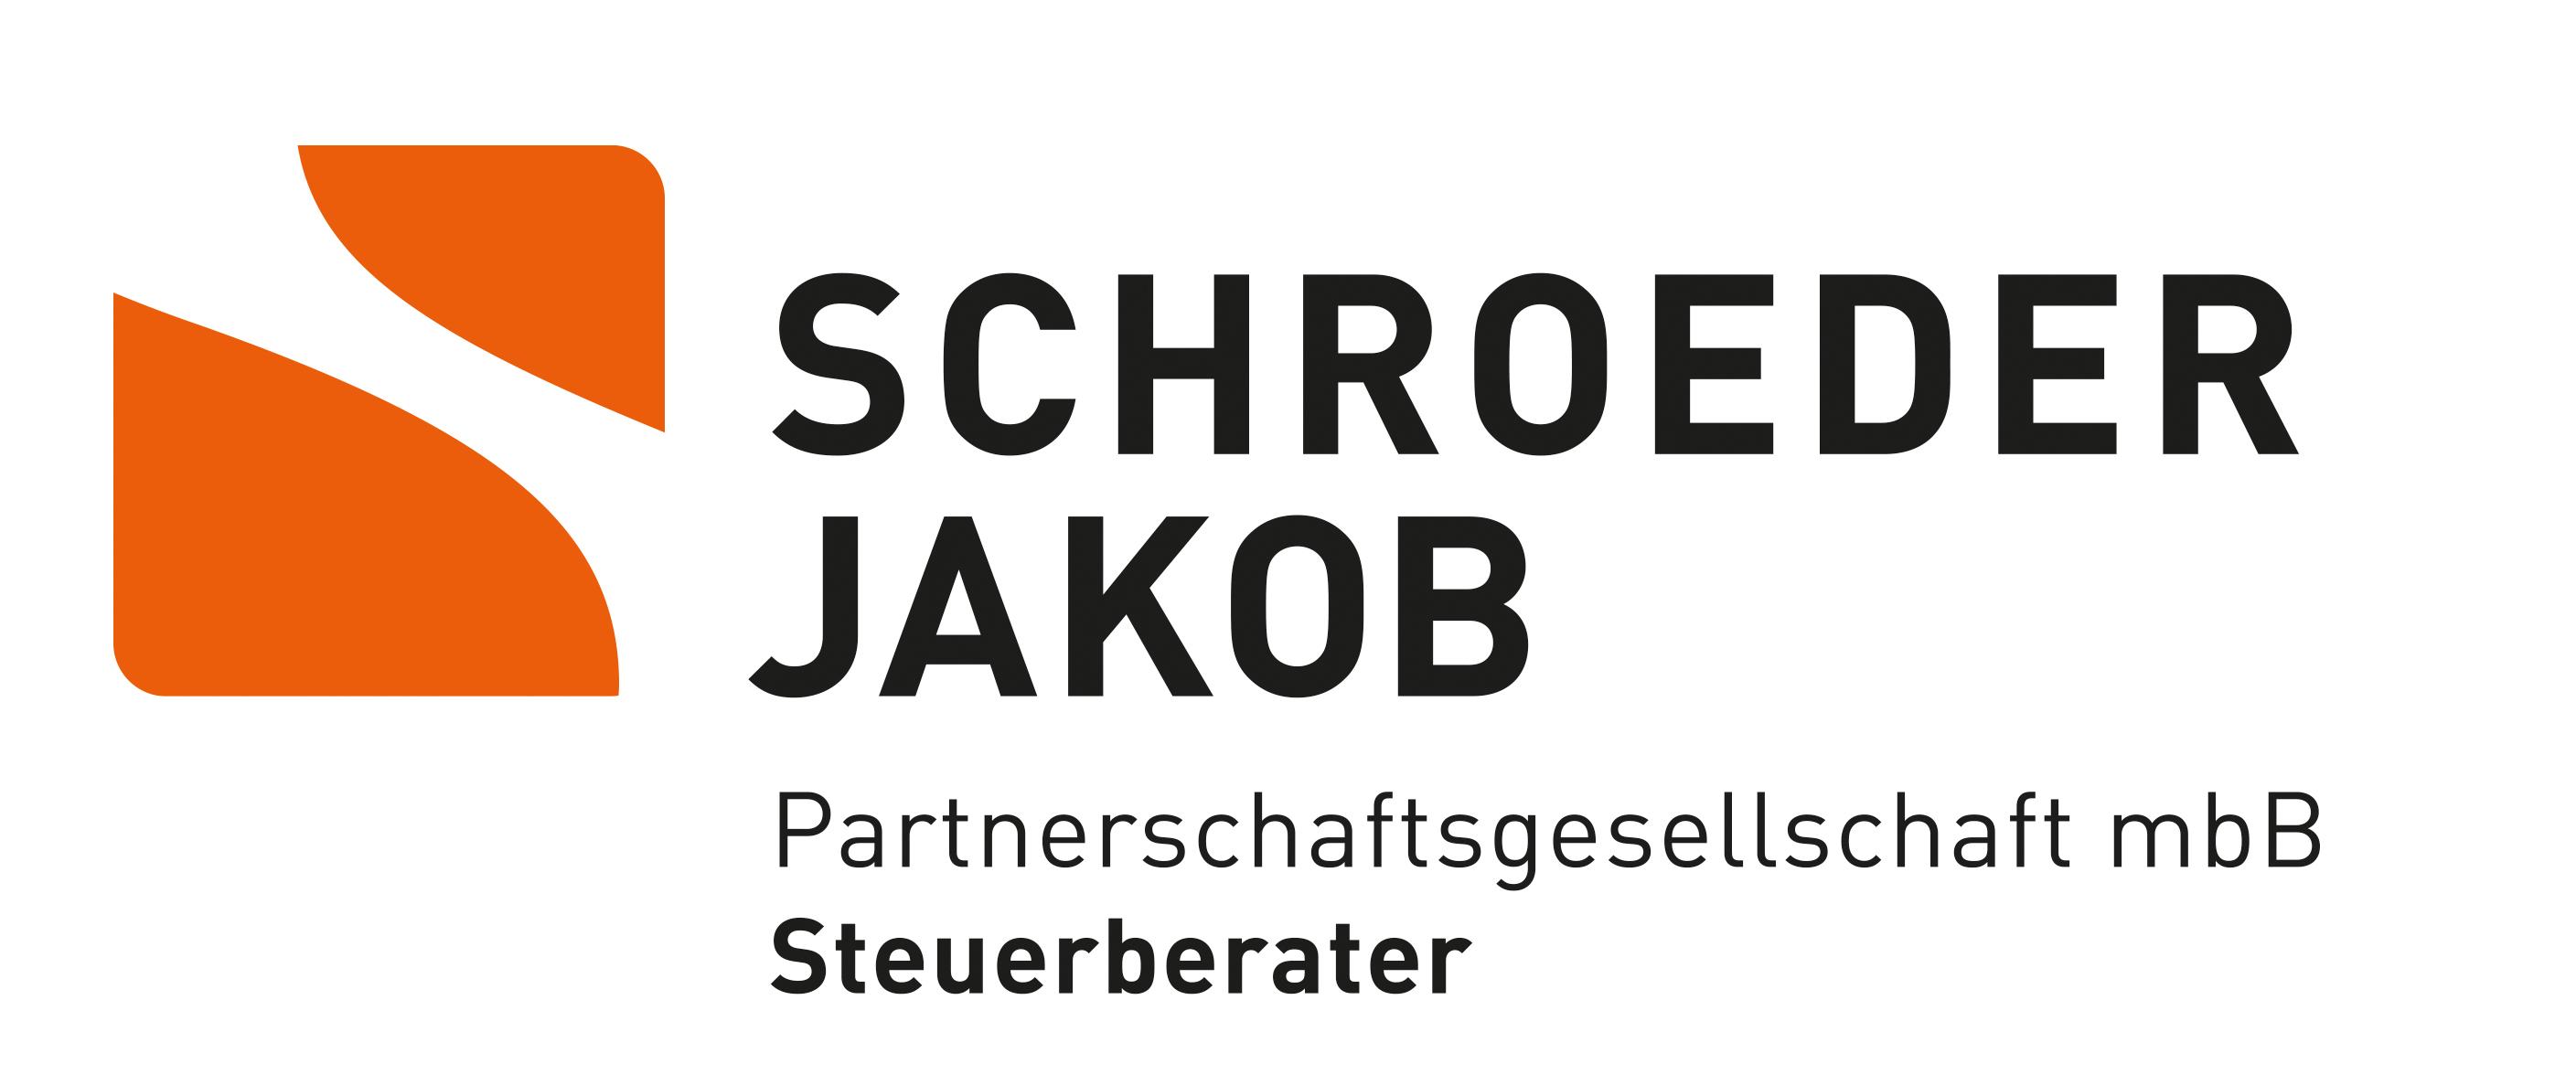 Steuerkanzlei Schroeder Jakob